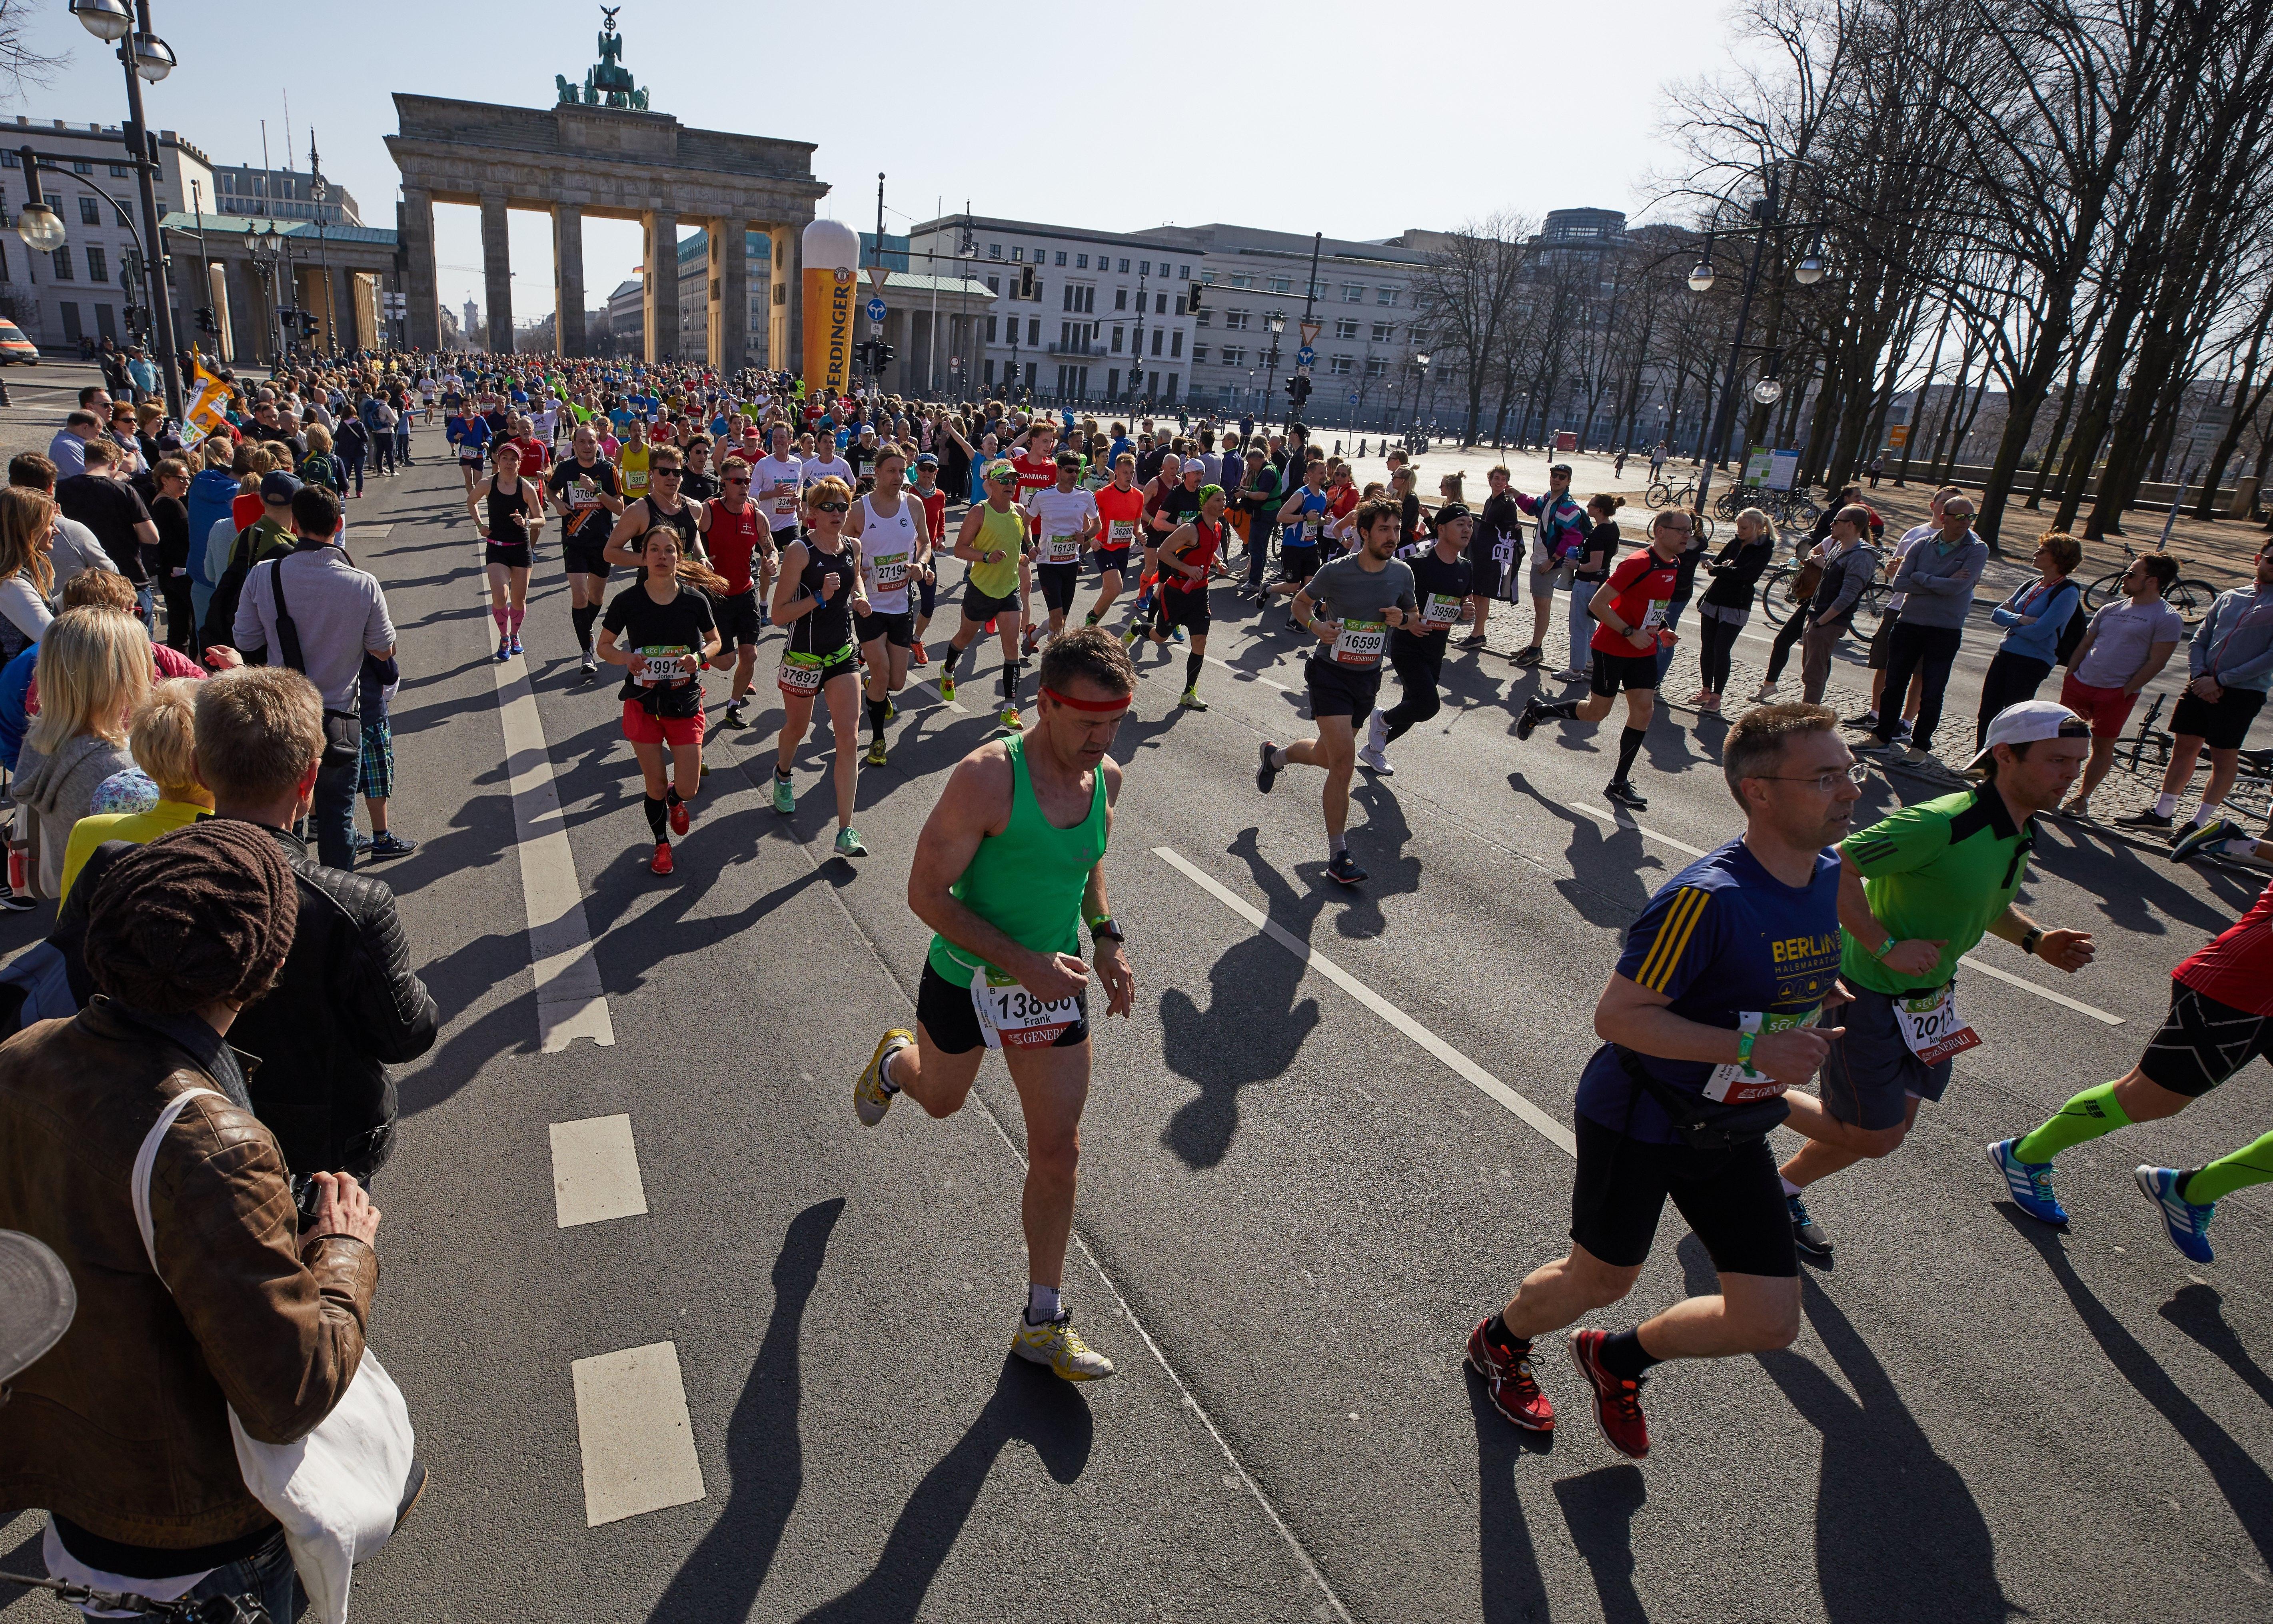 Polícia impede ataque à Meia Maratona de Berlim